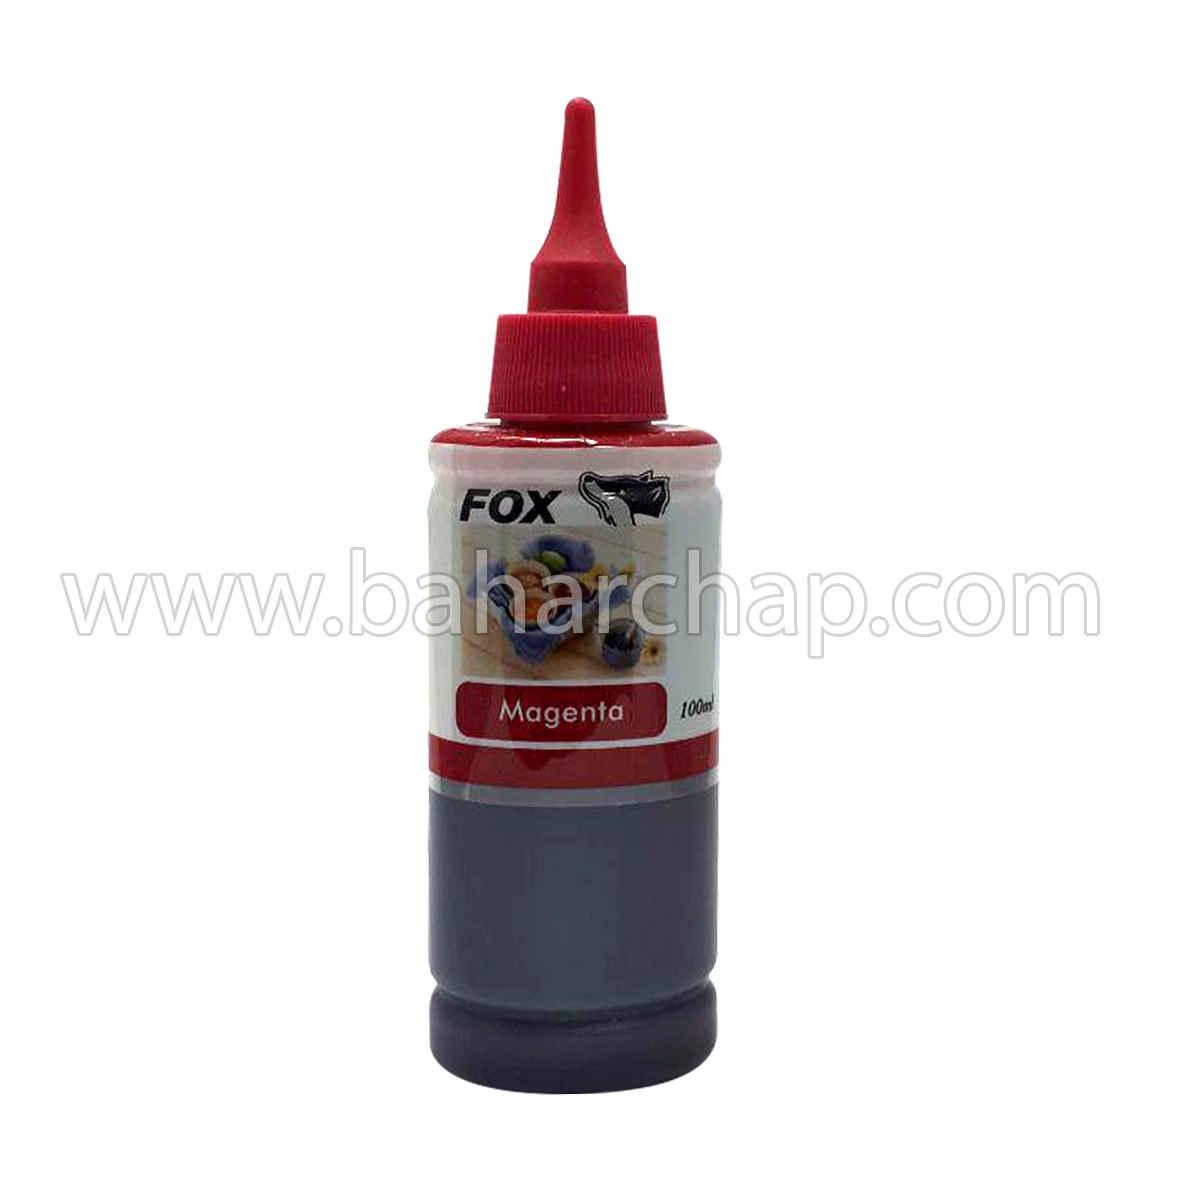 فروشگاه و خدمات اینترنتی بهارچاپ اصفهان-جوهر 100cc قرمز اپسون فوکس-fox epson magenta  ink 100cc